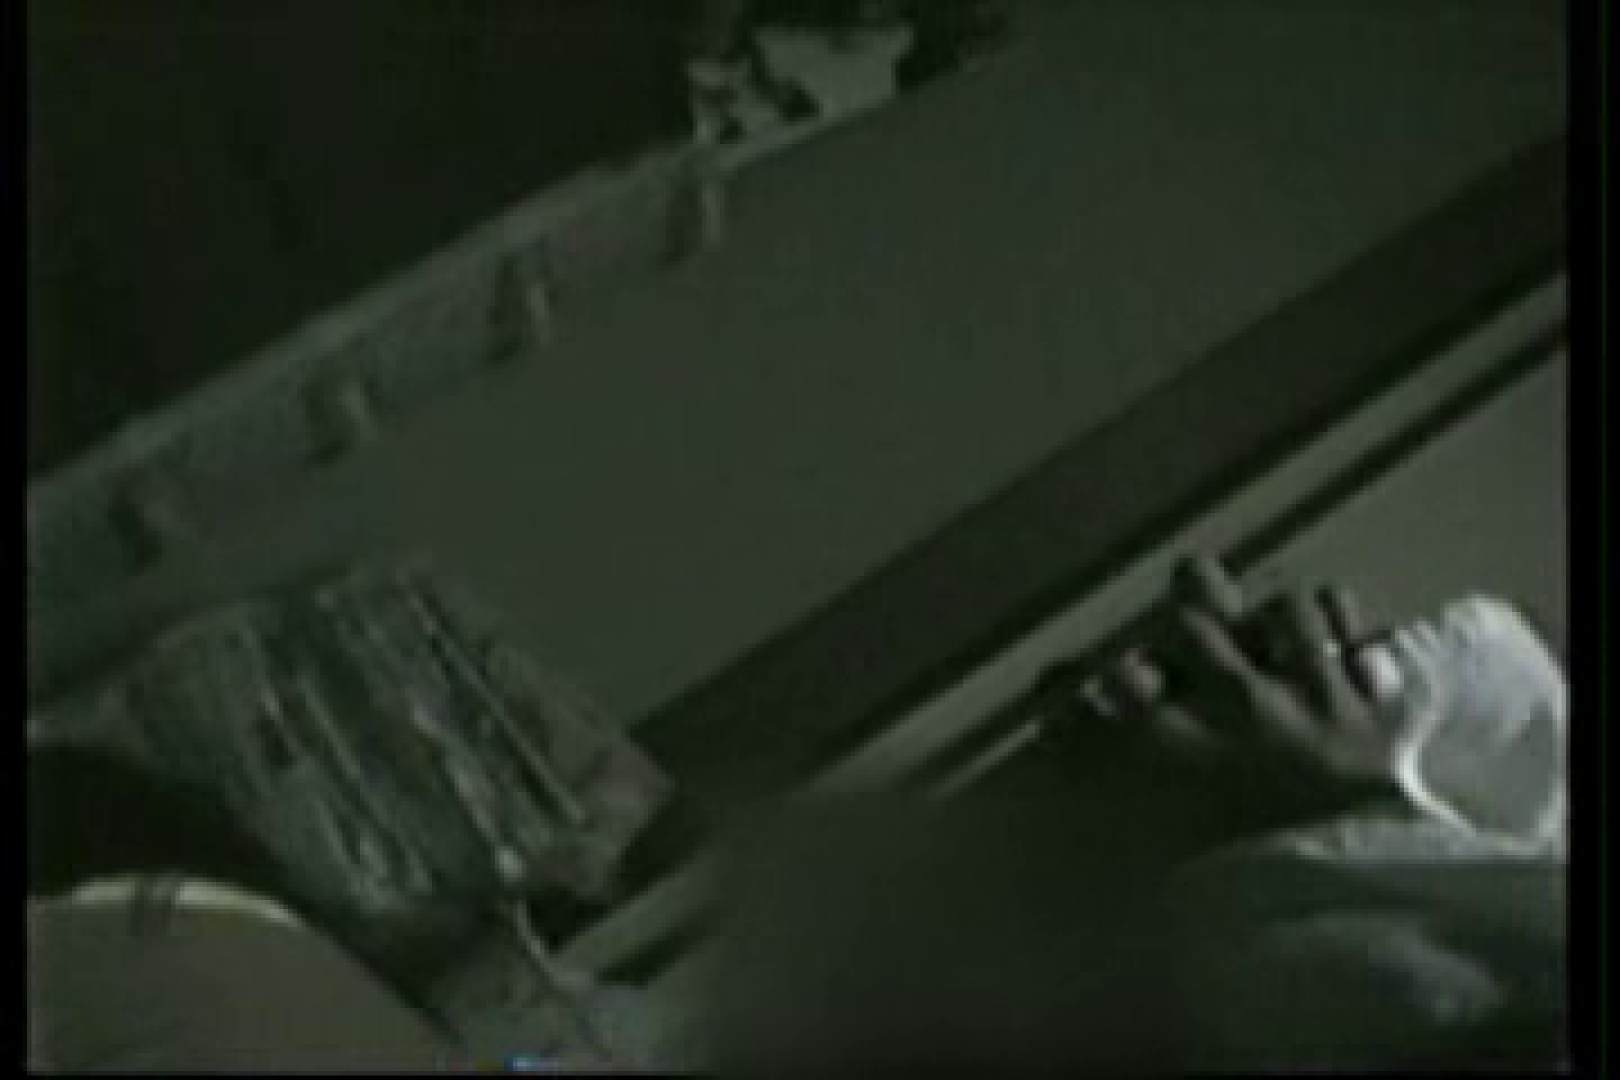 【実録個人撮影】男の子達の禁断の愛欲性活!!vol.02(対女性アナル責め) 手コキ ゲイフリーエロ画像 59pic 2